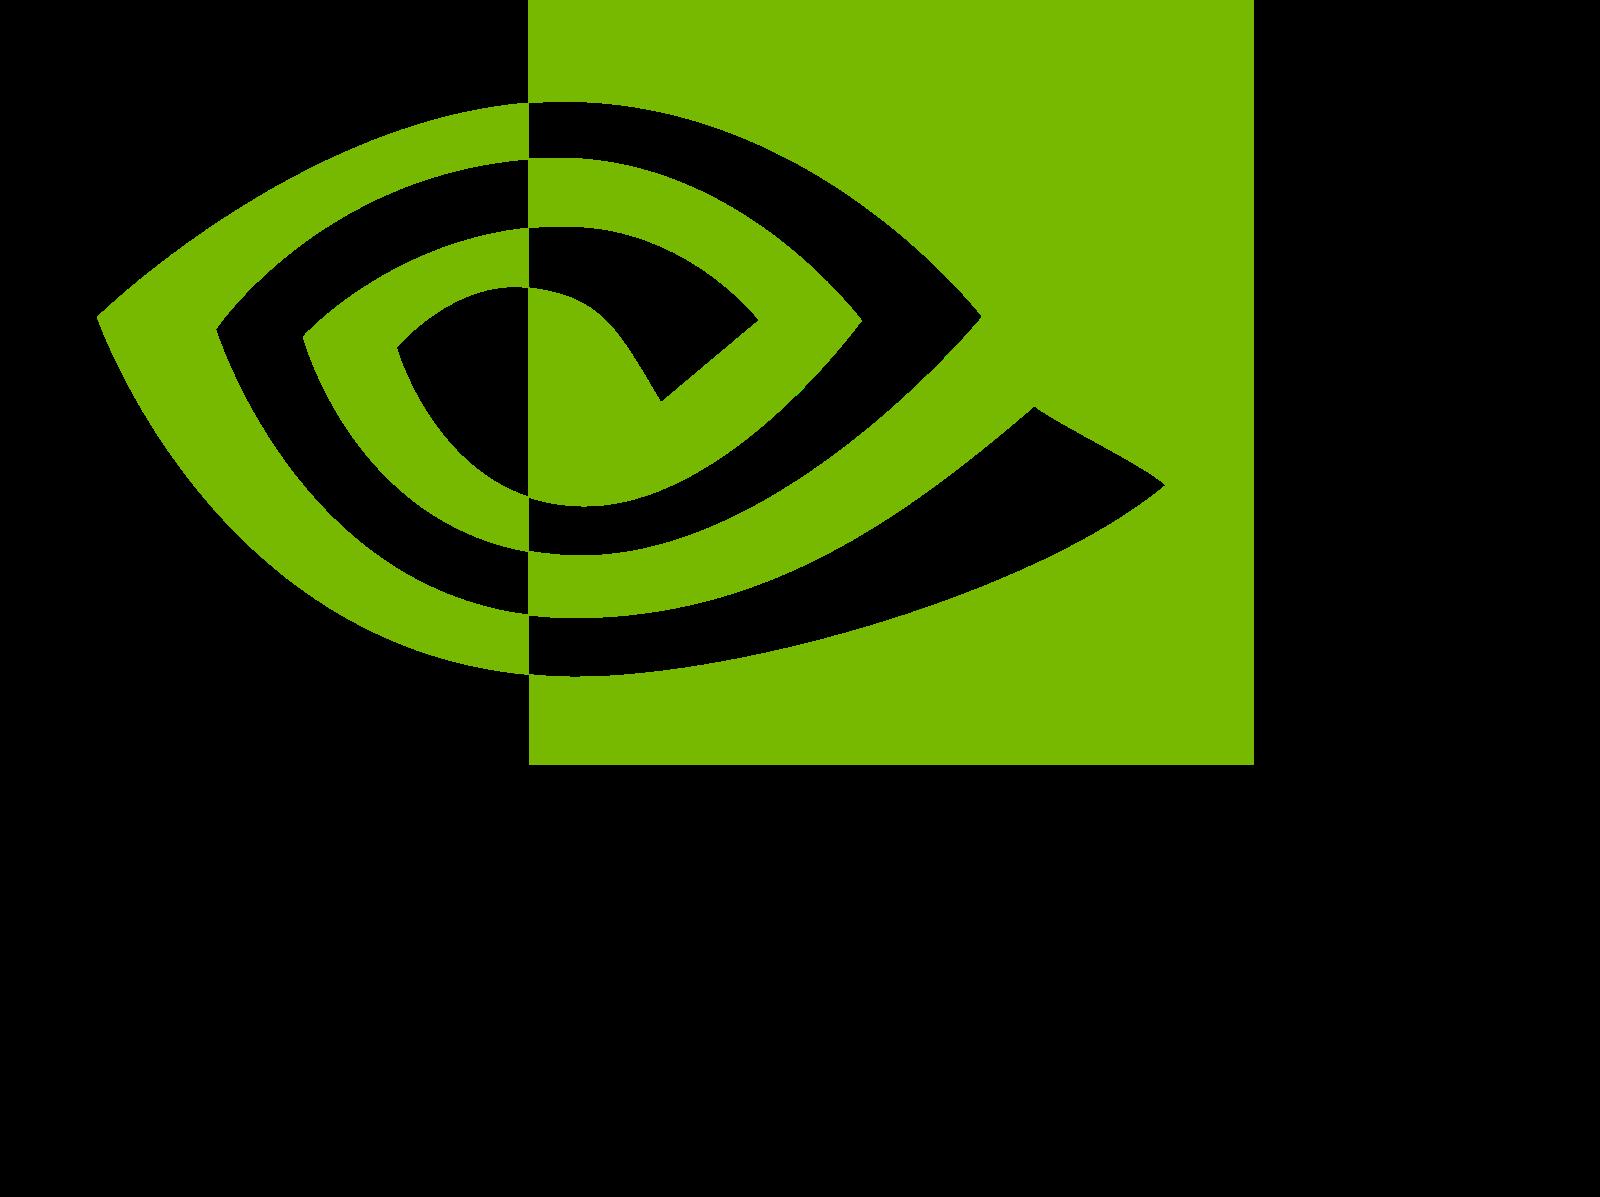 nvidia logo 5 1 - Nvidia Logo